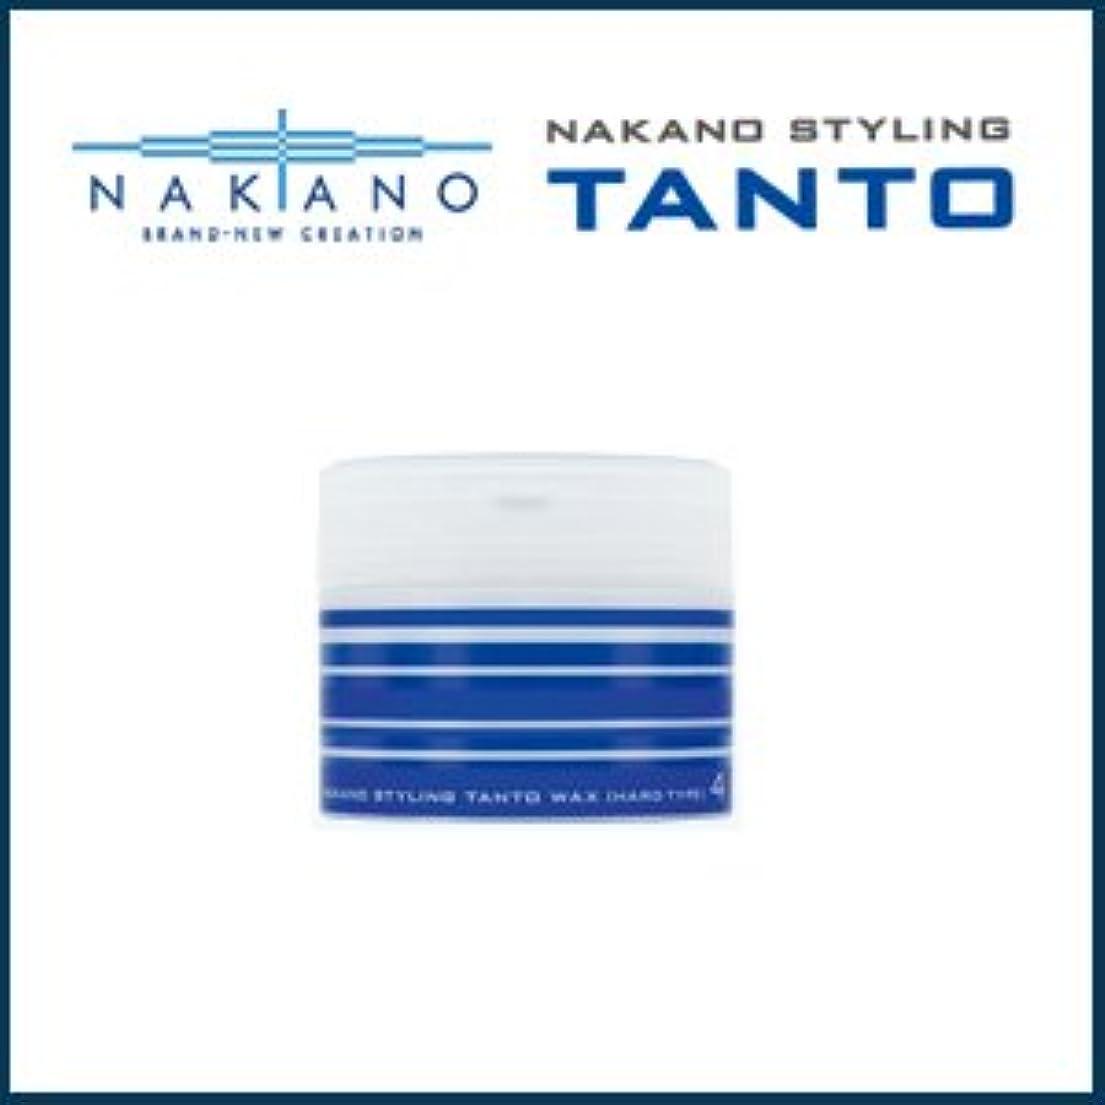 バクテリア効果的排他的【X2個セット】 ナカノ タント Nワックス 4 ハードタイプ 90g 容器入り